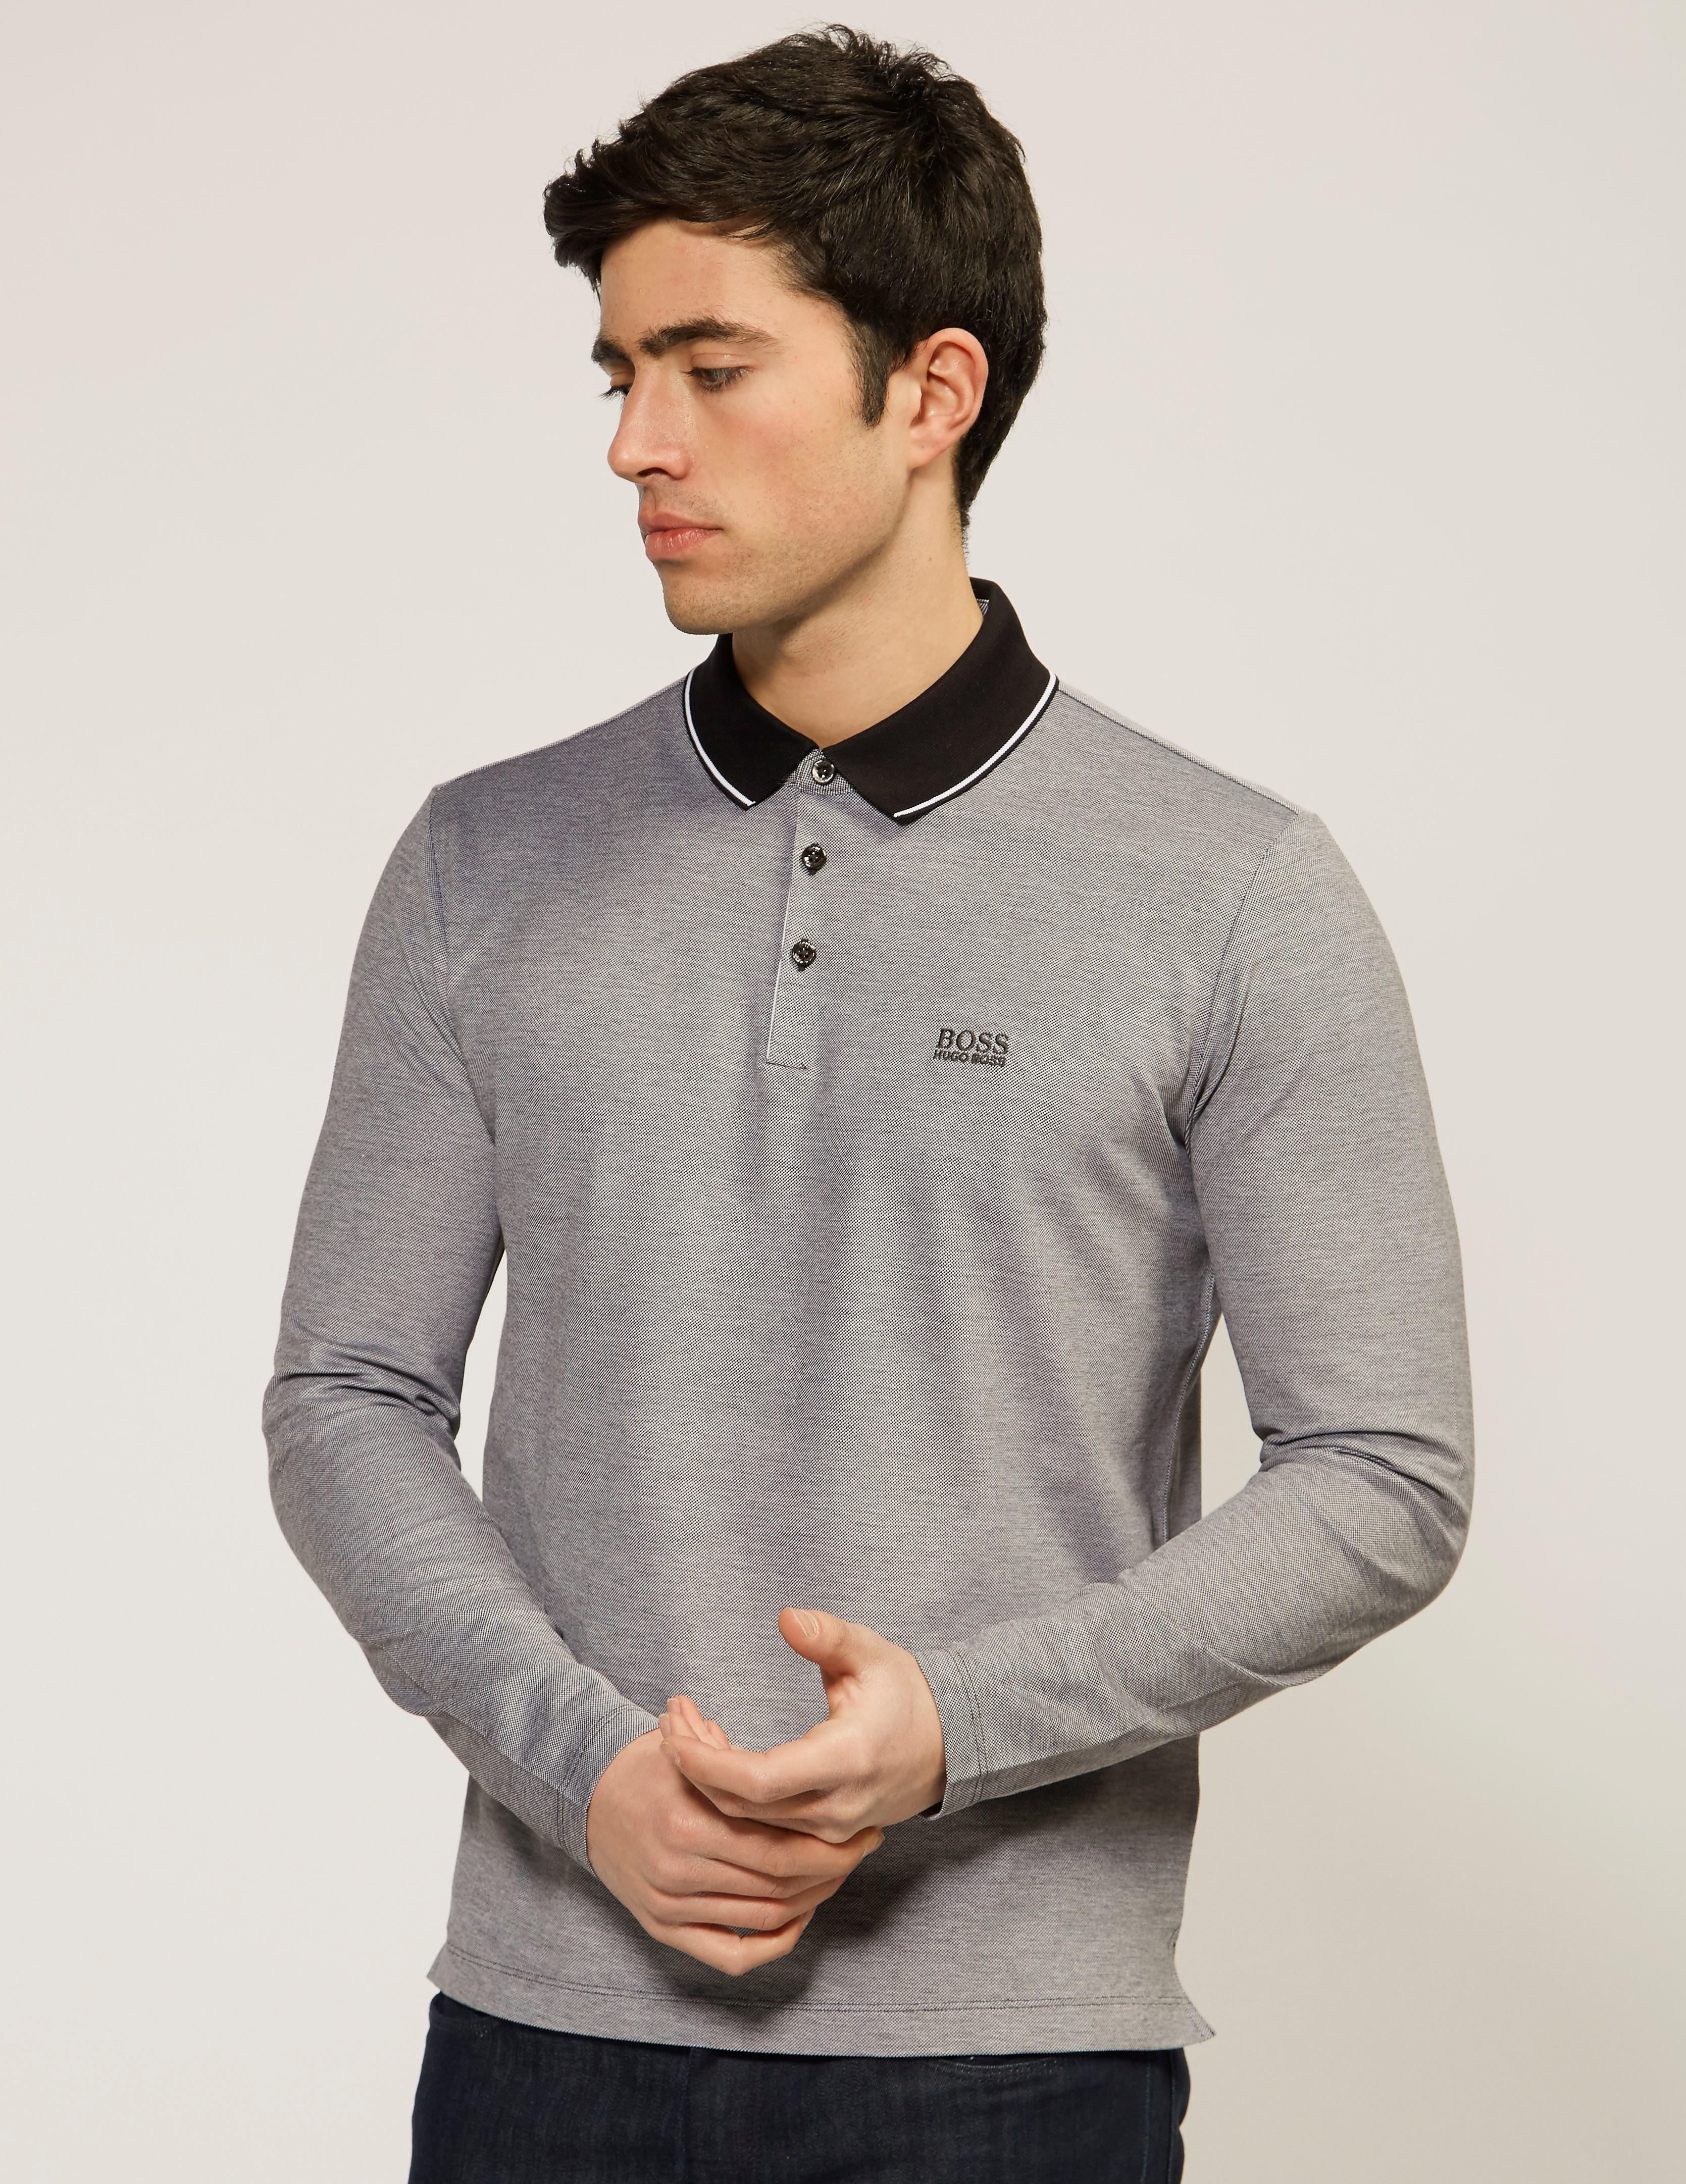 BOSS Pearl 03 Long Sleeve Polo Shirt